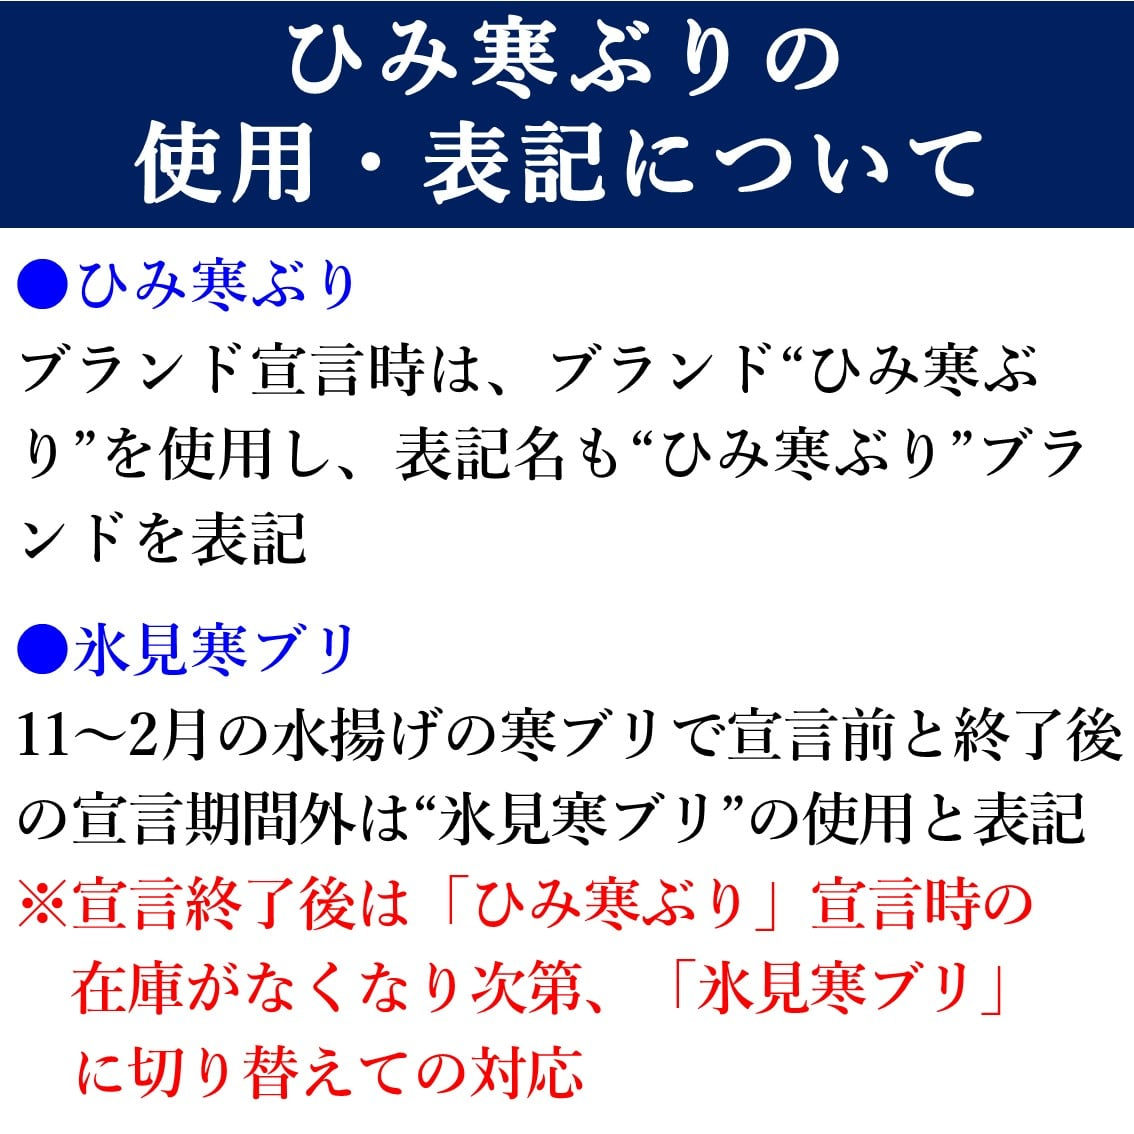 ひみ寒ぶり 丼ぶりの具(生・ごまオイル味) 1ケース【冷凍品】〔ブランドぶりは2月6日終了宣言のため在庫限り〕